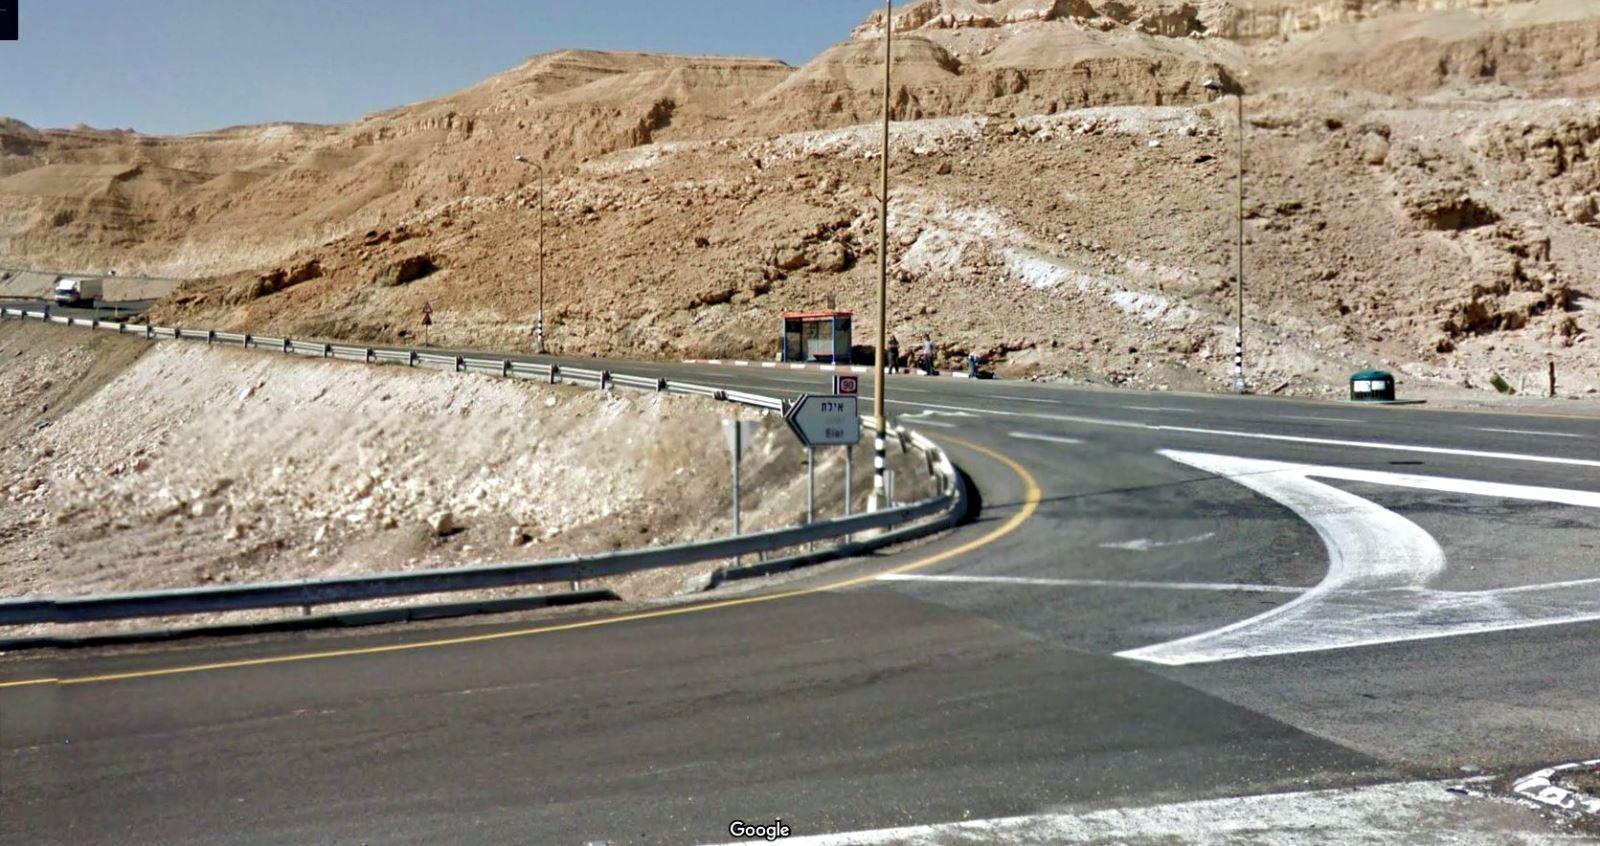 כביש 90 נחסם מצומת הערבה בשני הכיוונים